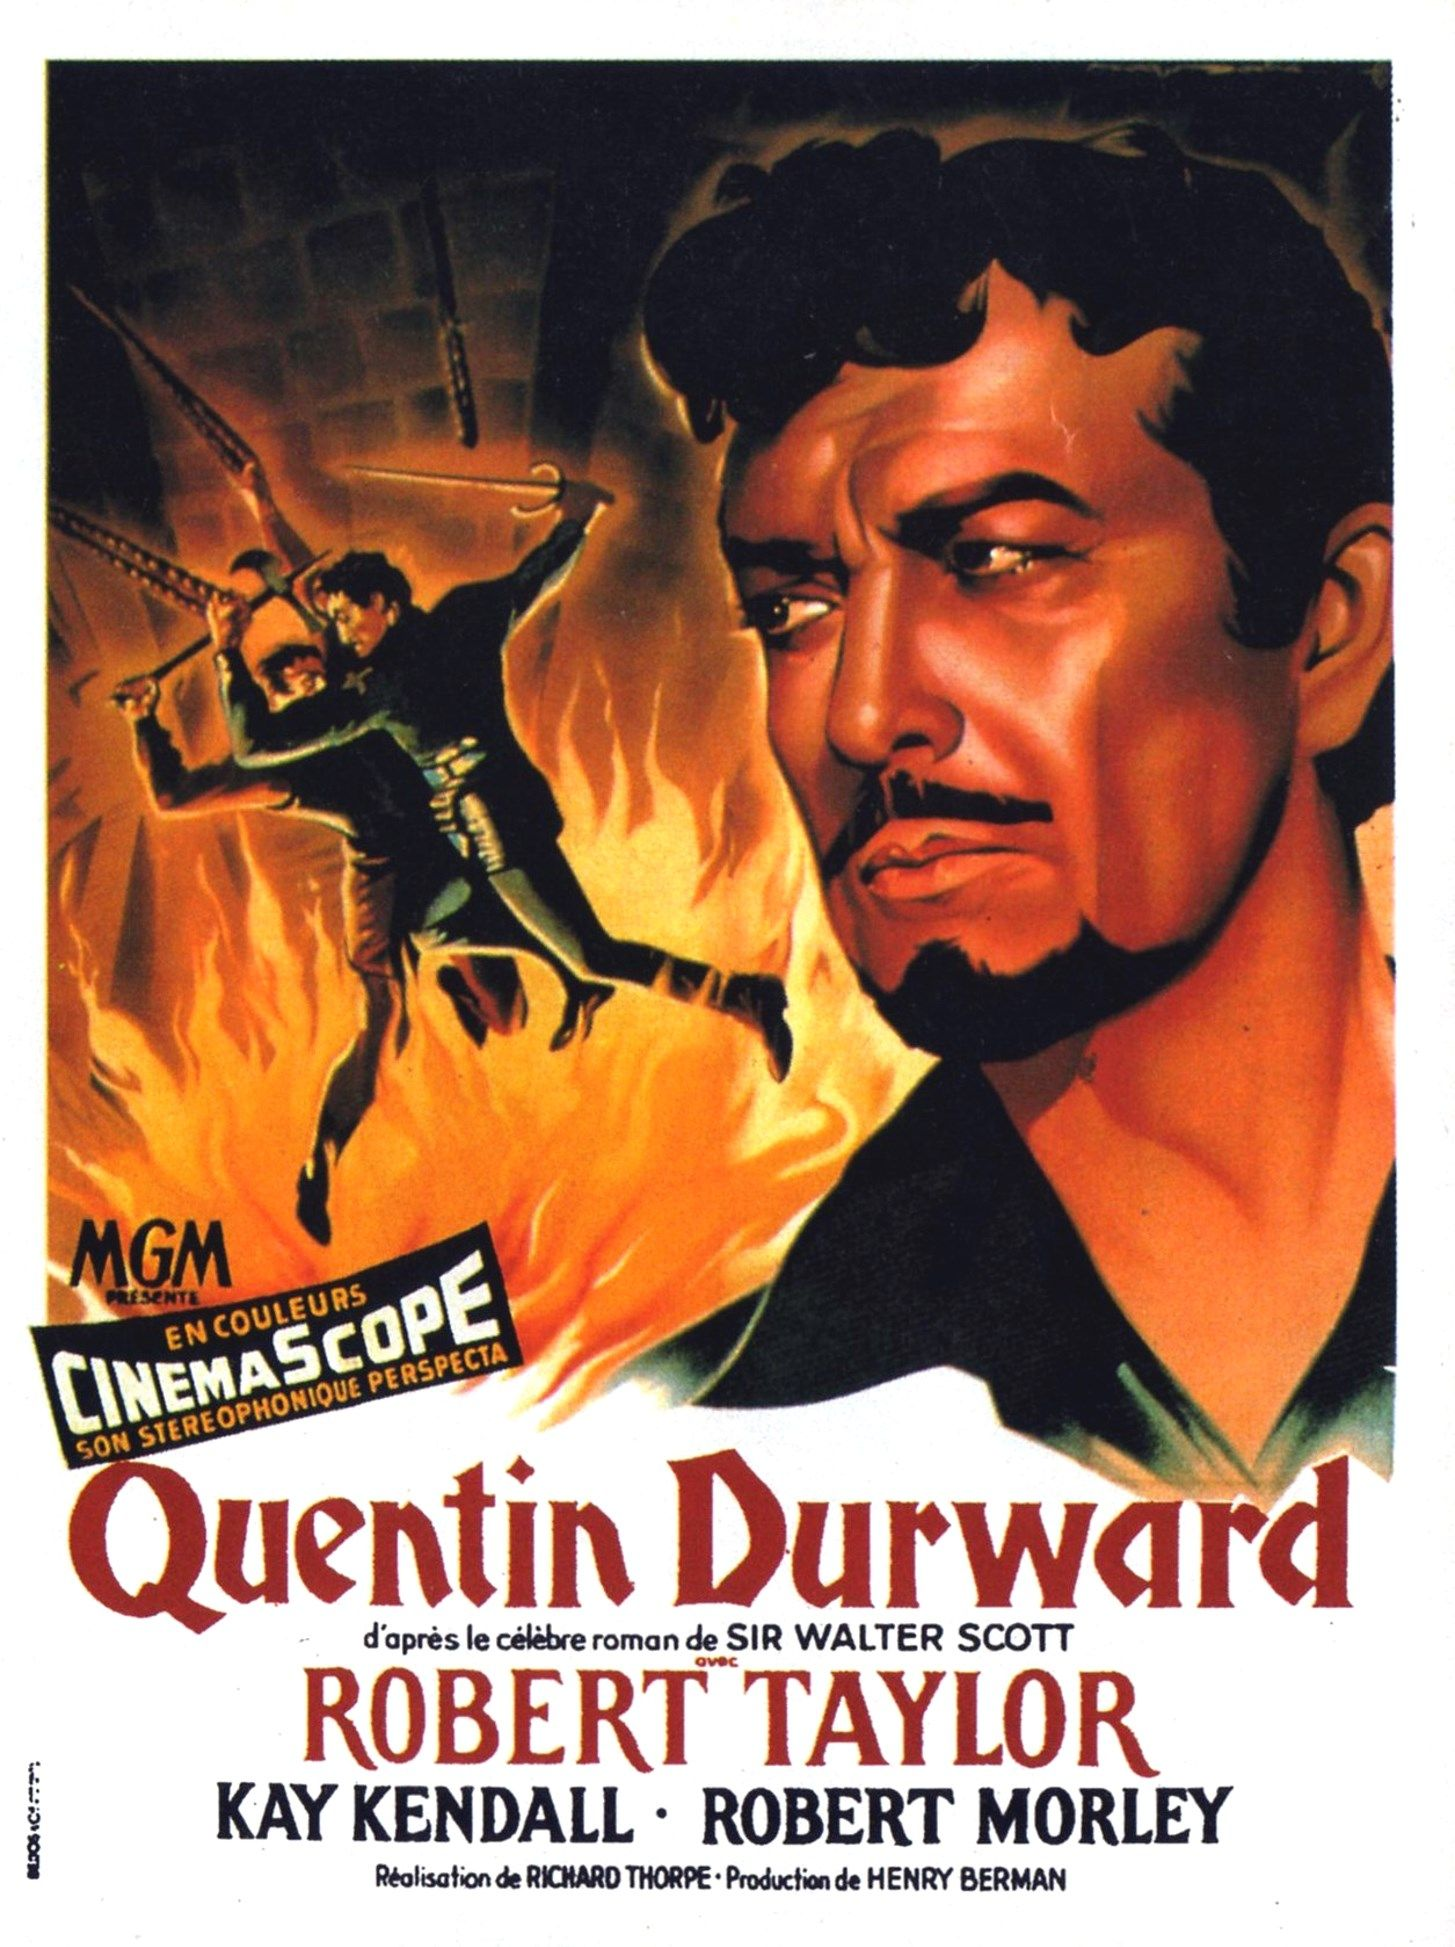 Quentin Durward Robert Taylor Affiche Cinema Roman